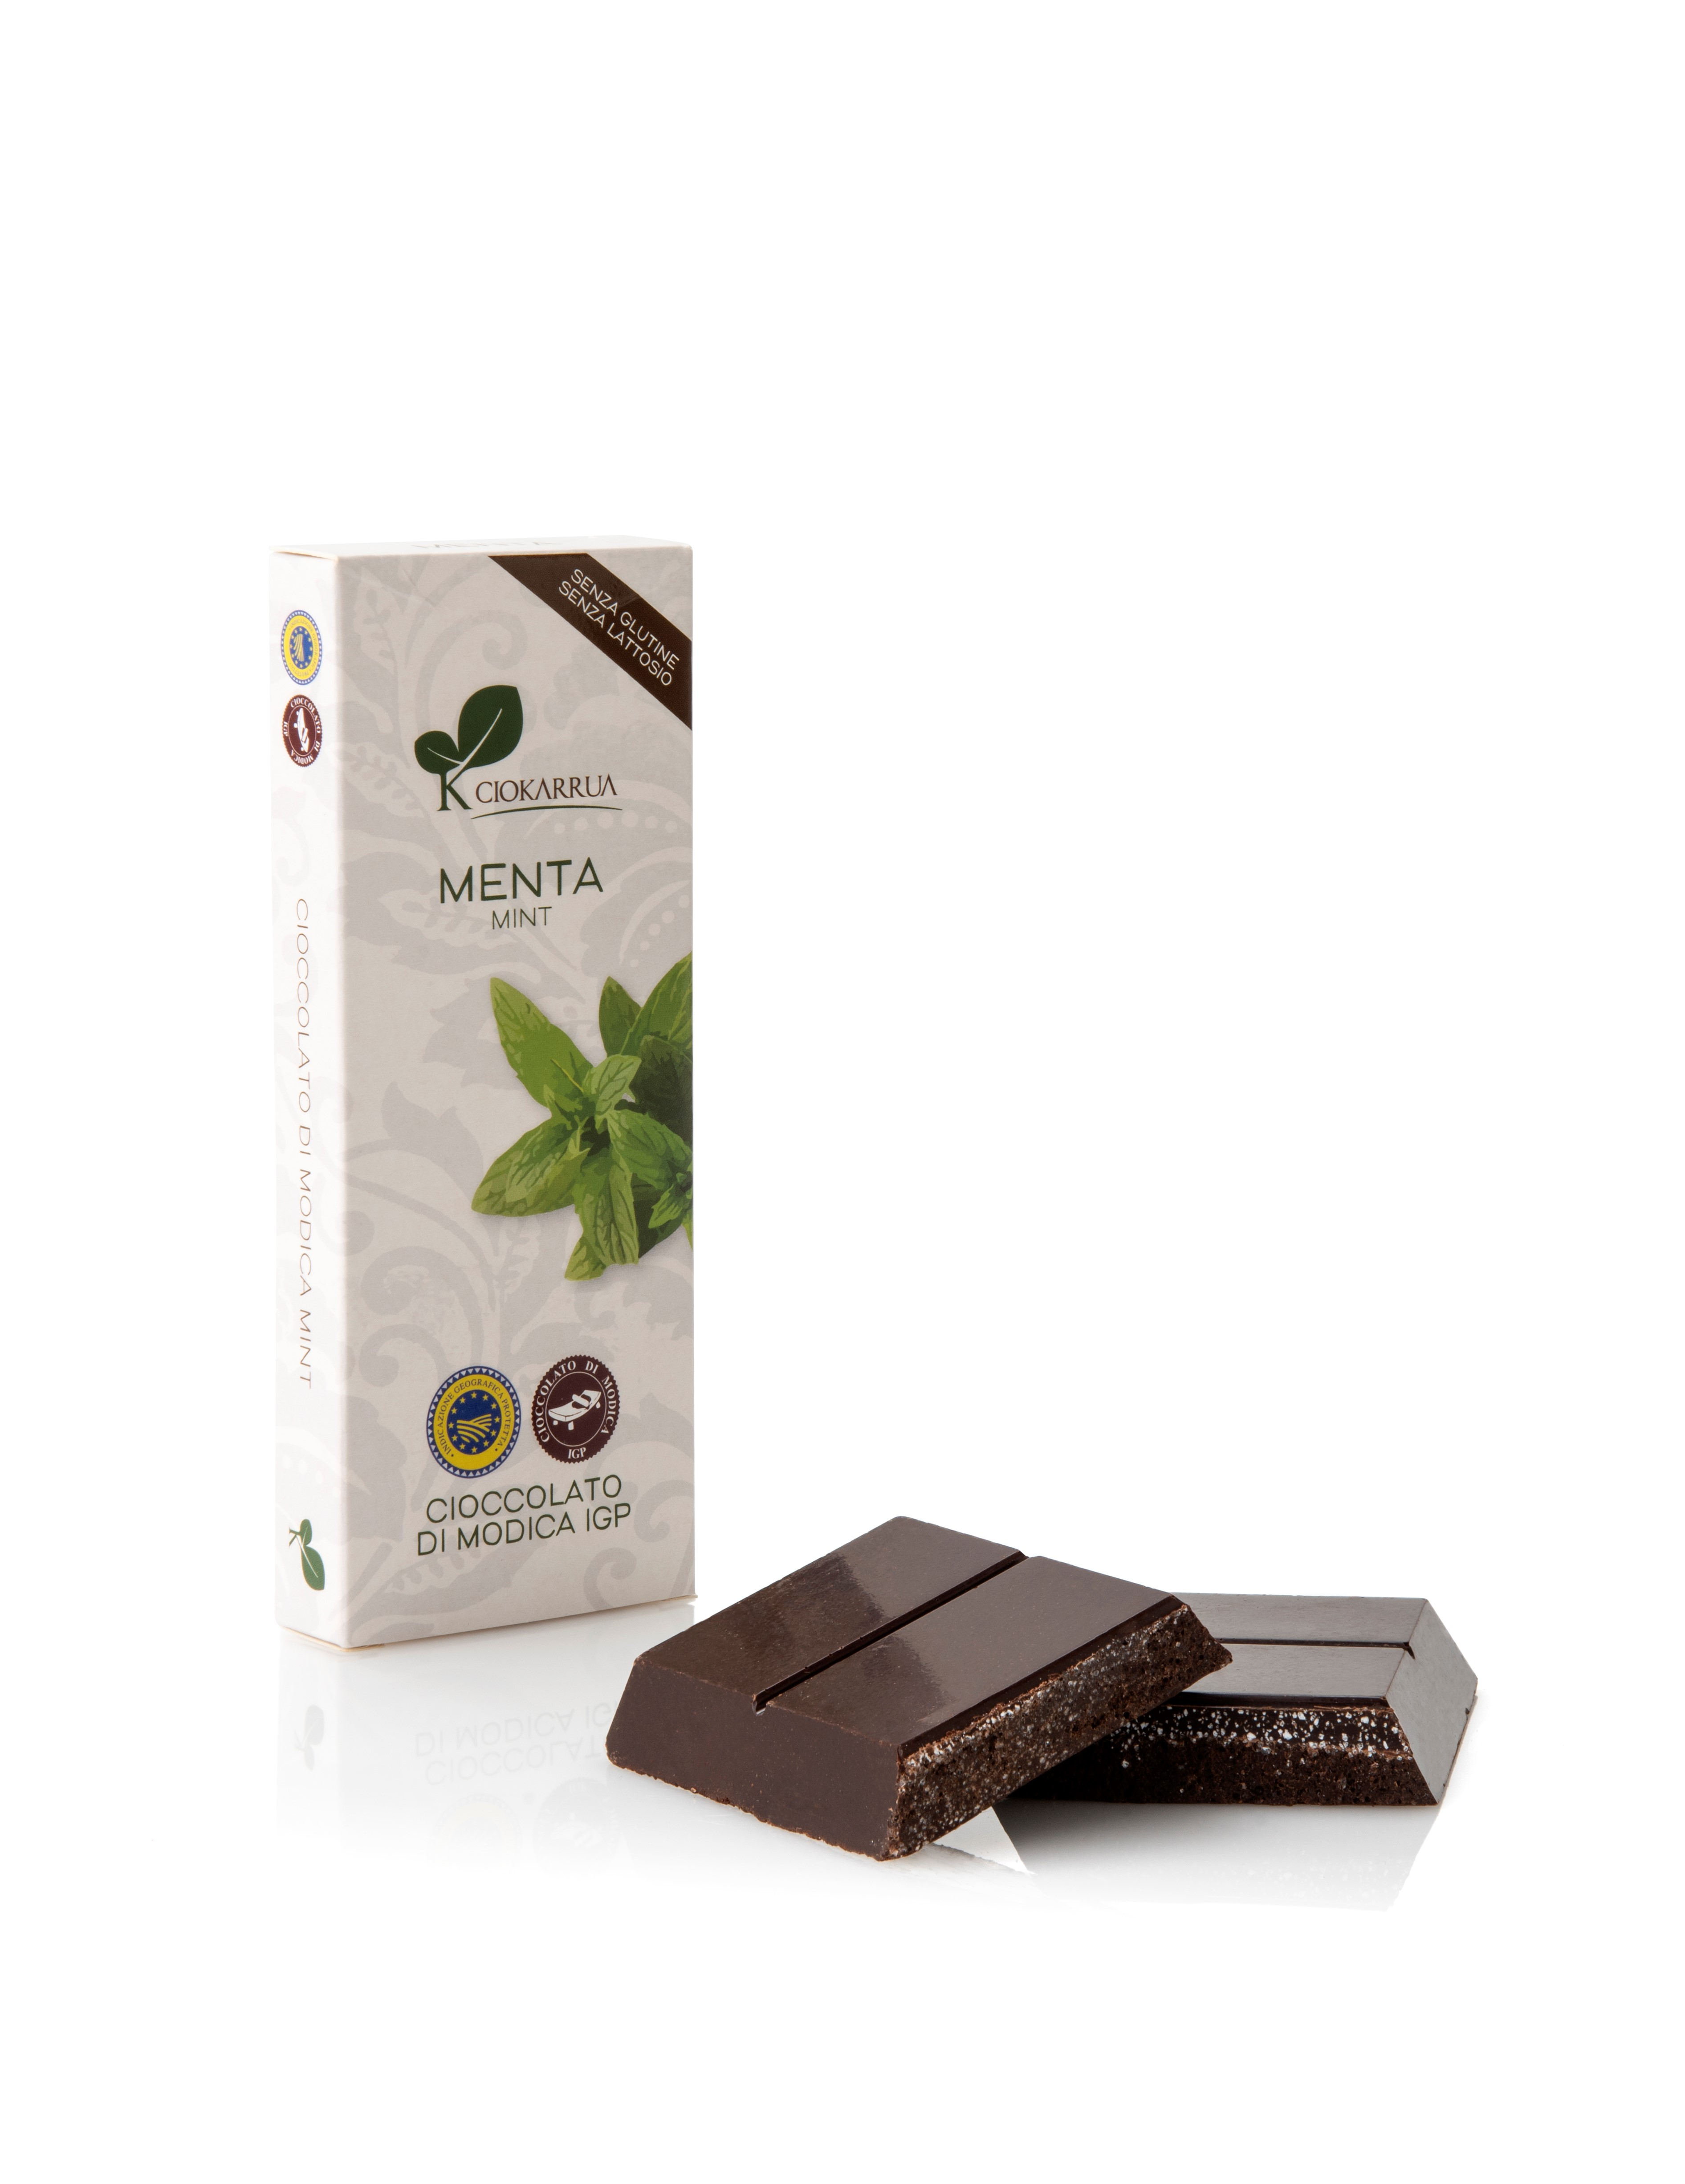 Ciocolata de Modica, Ciokarrua, aroma de menta, 50% cacao, 100 g 1